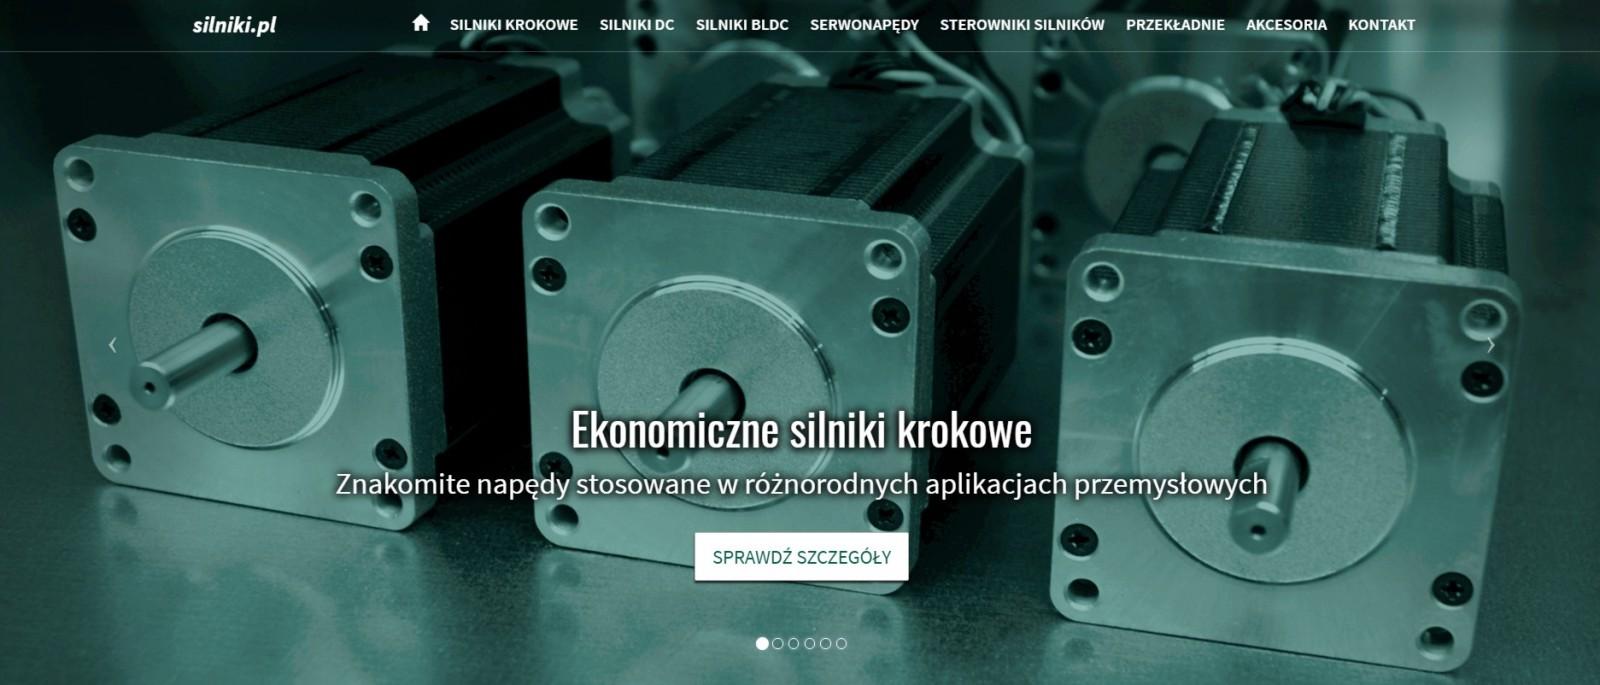 Silniki.pl wnowej odsłonie